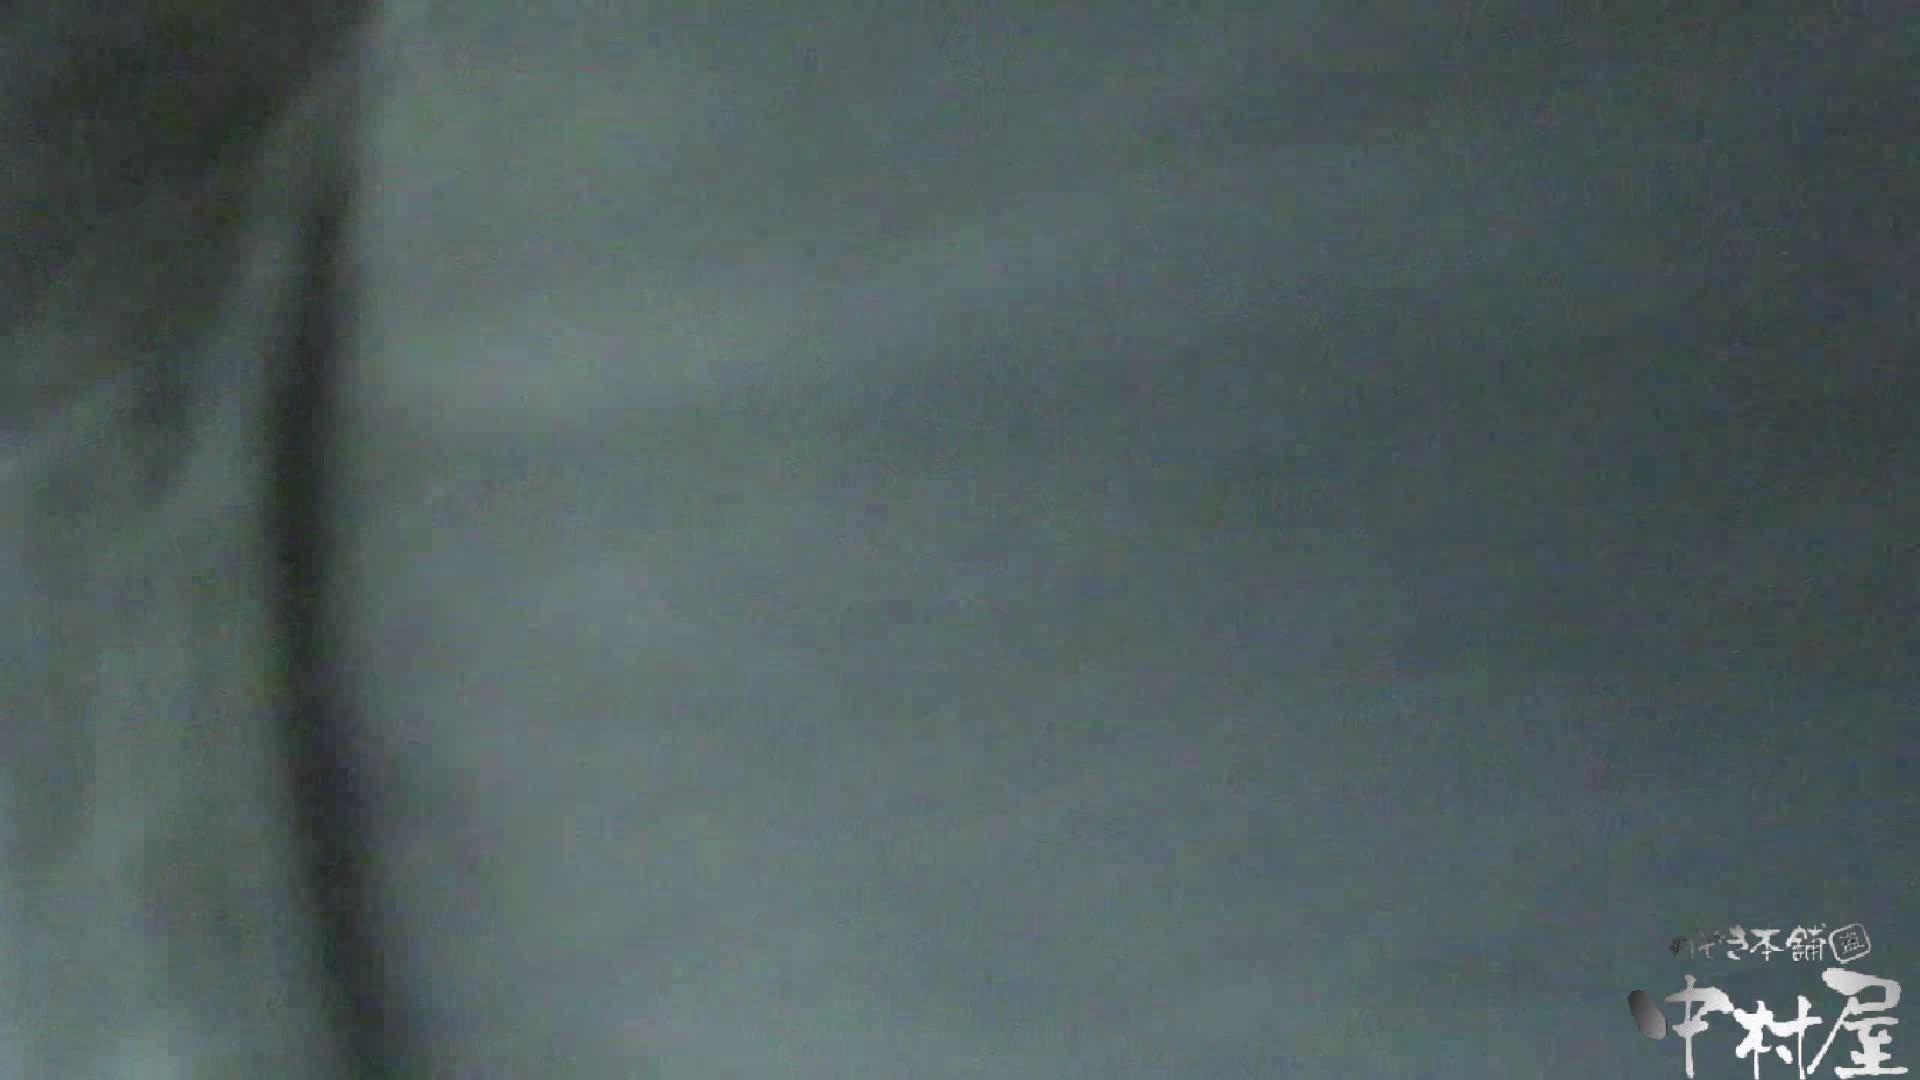 エッチ 熟女|魂のかわや盗撮62連発! 丁寧にオシリをフキフキ! 38発目!|のぞき本舗 中村屋